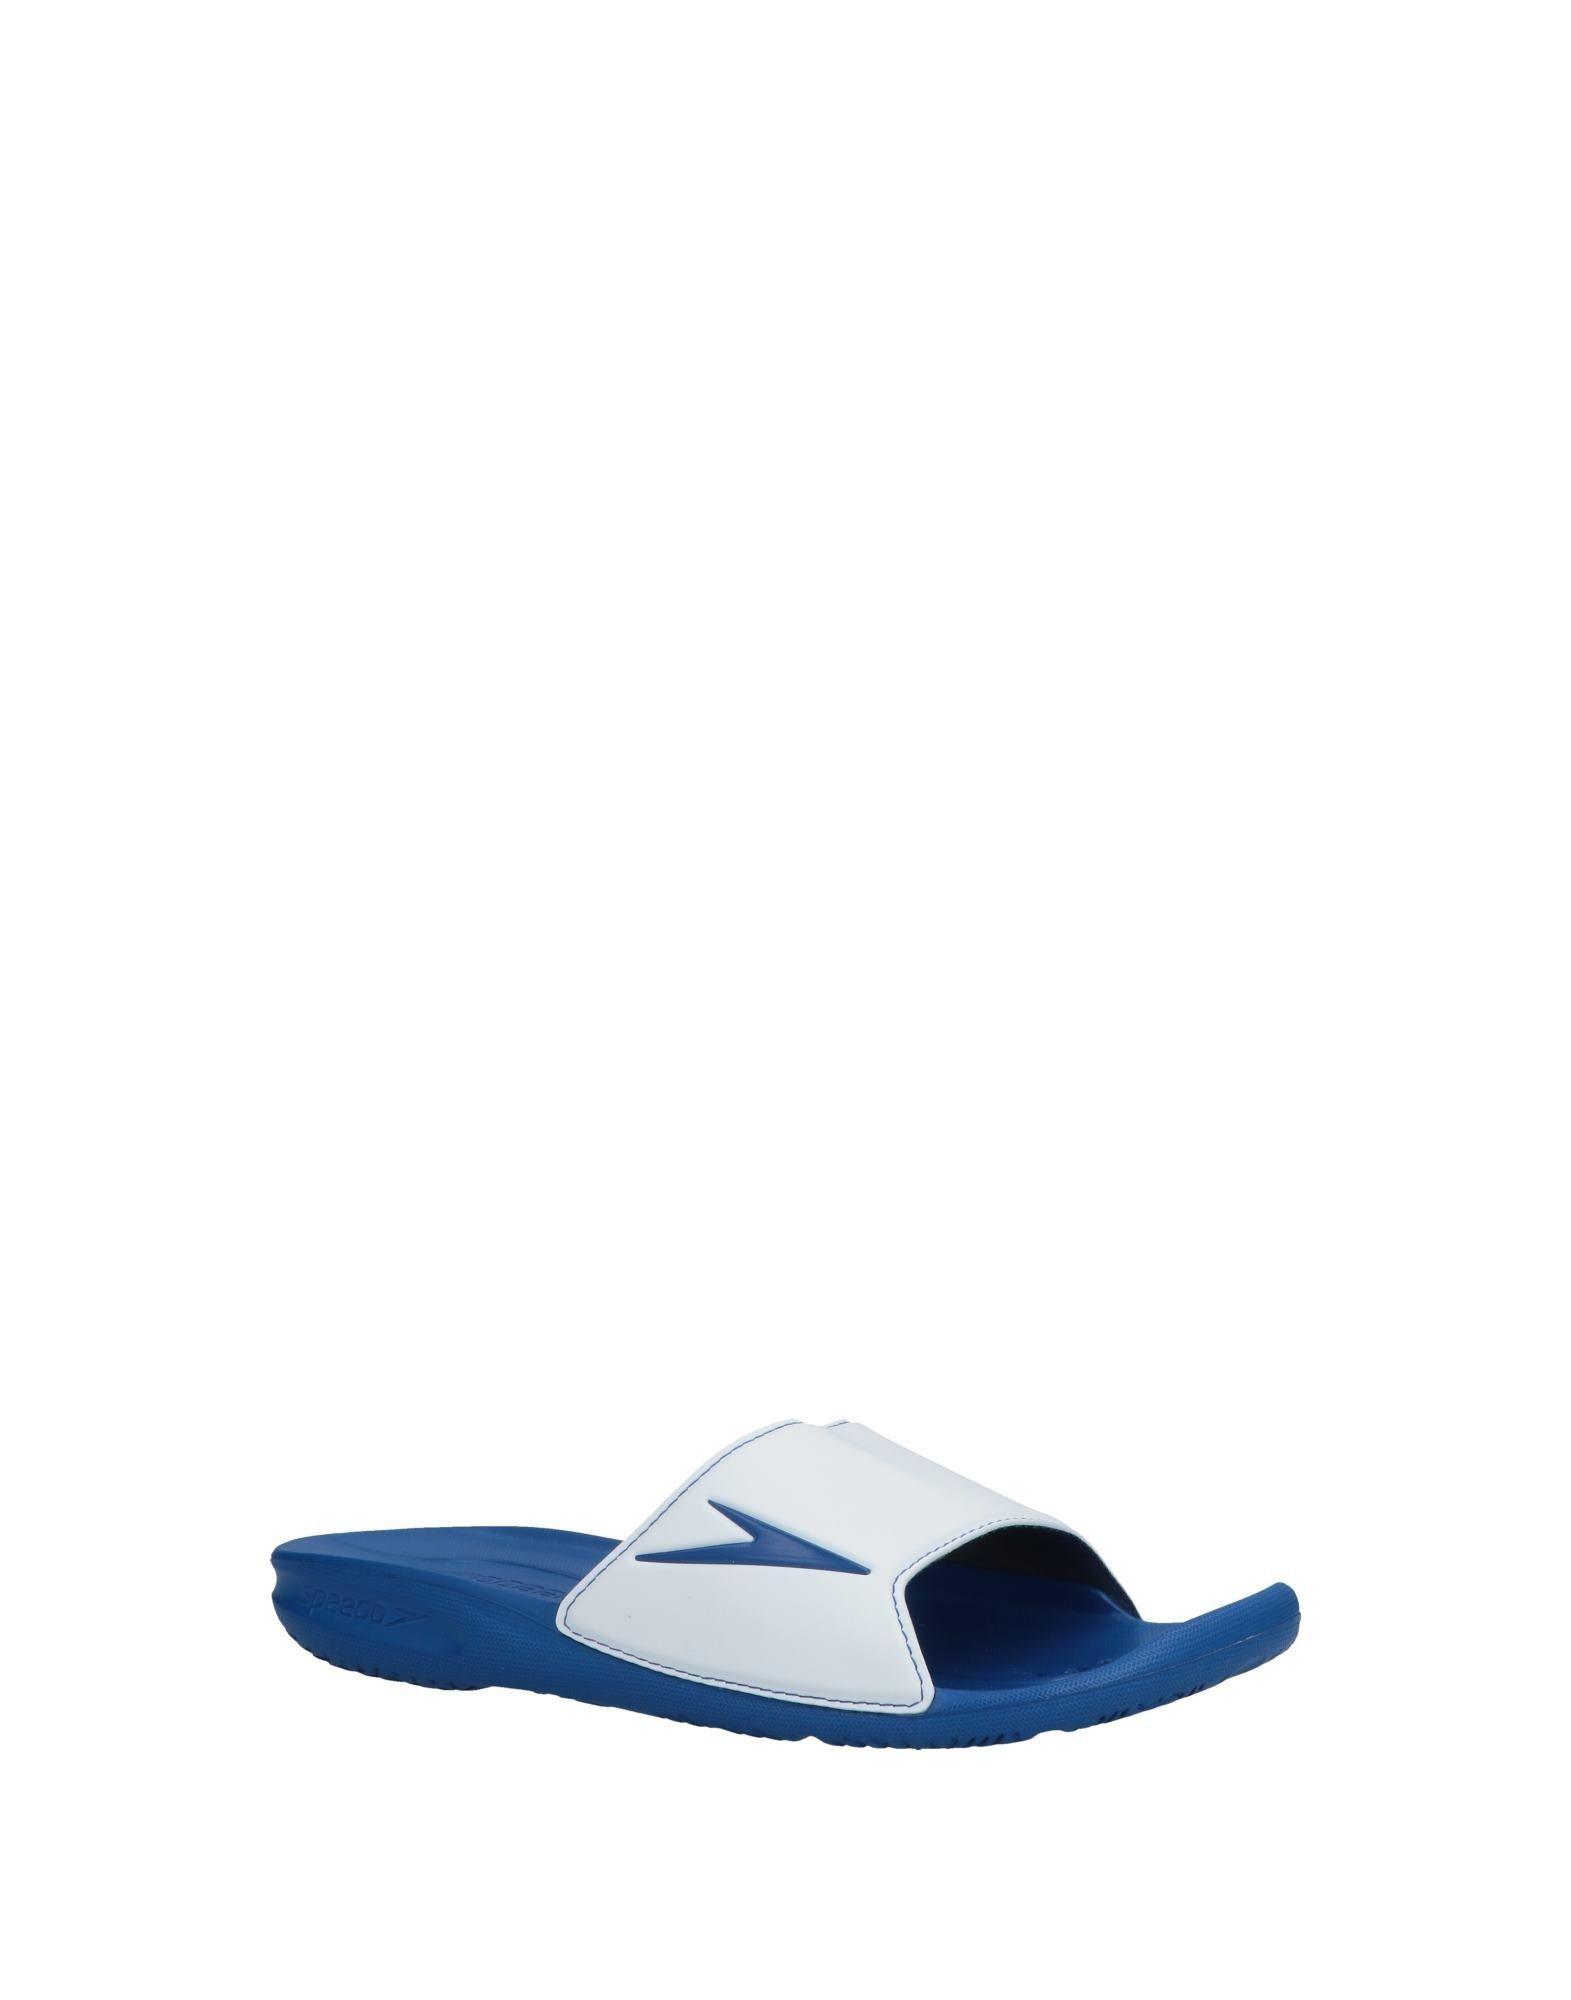 caa078cb761 Speedo - White Slippers for Men - Lyst. View fullscreen